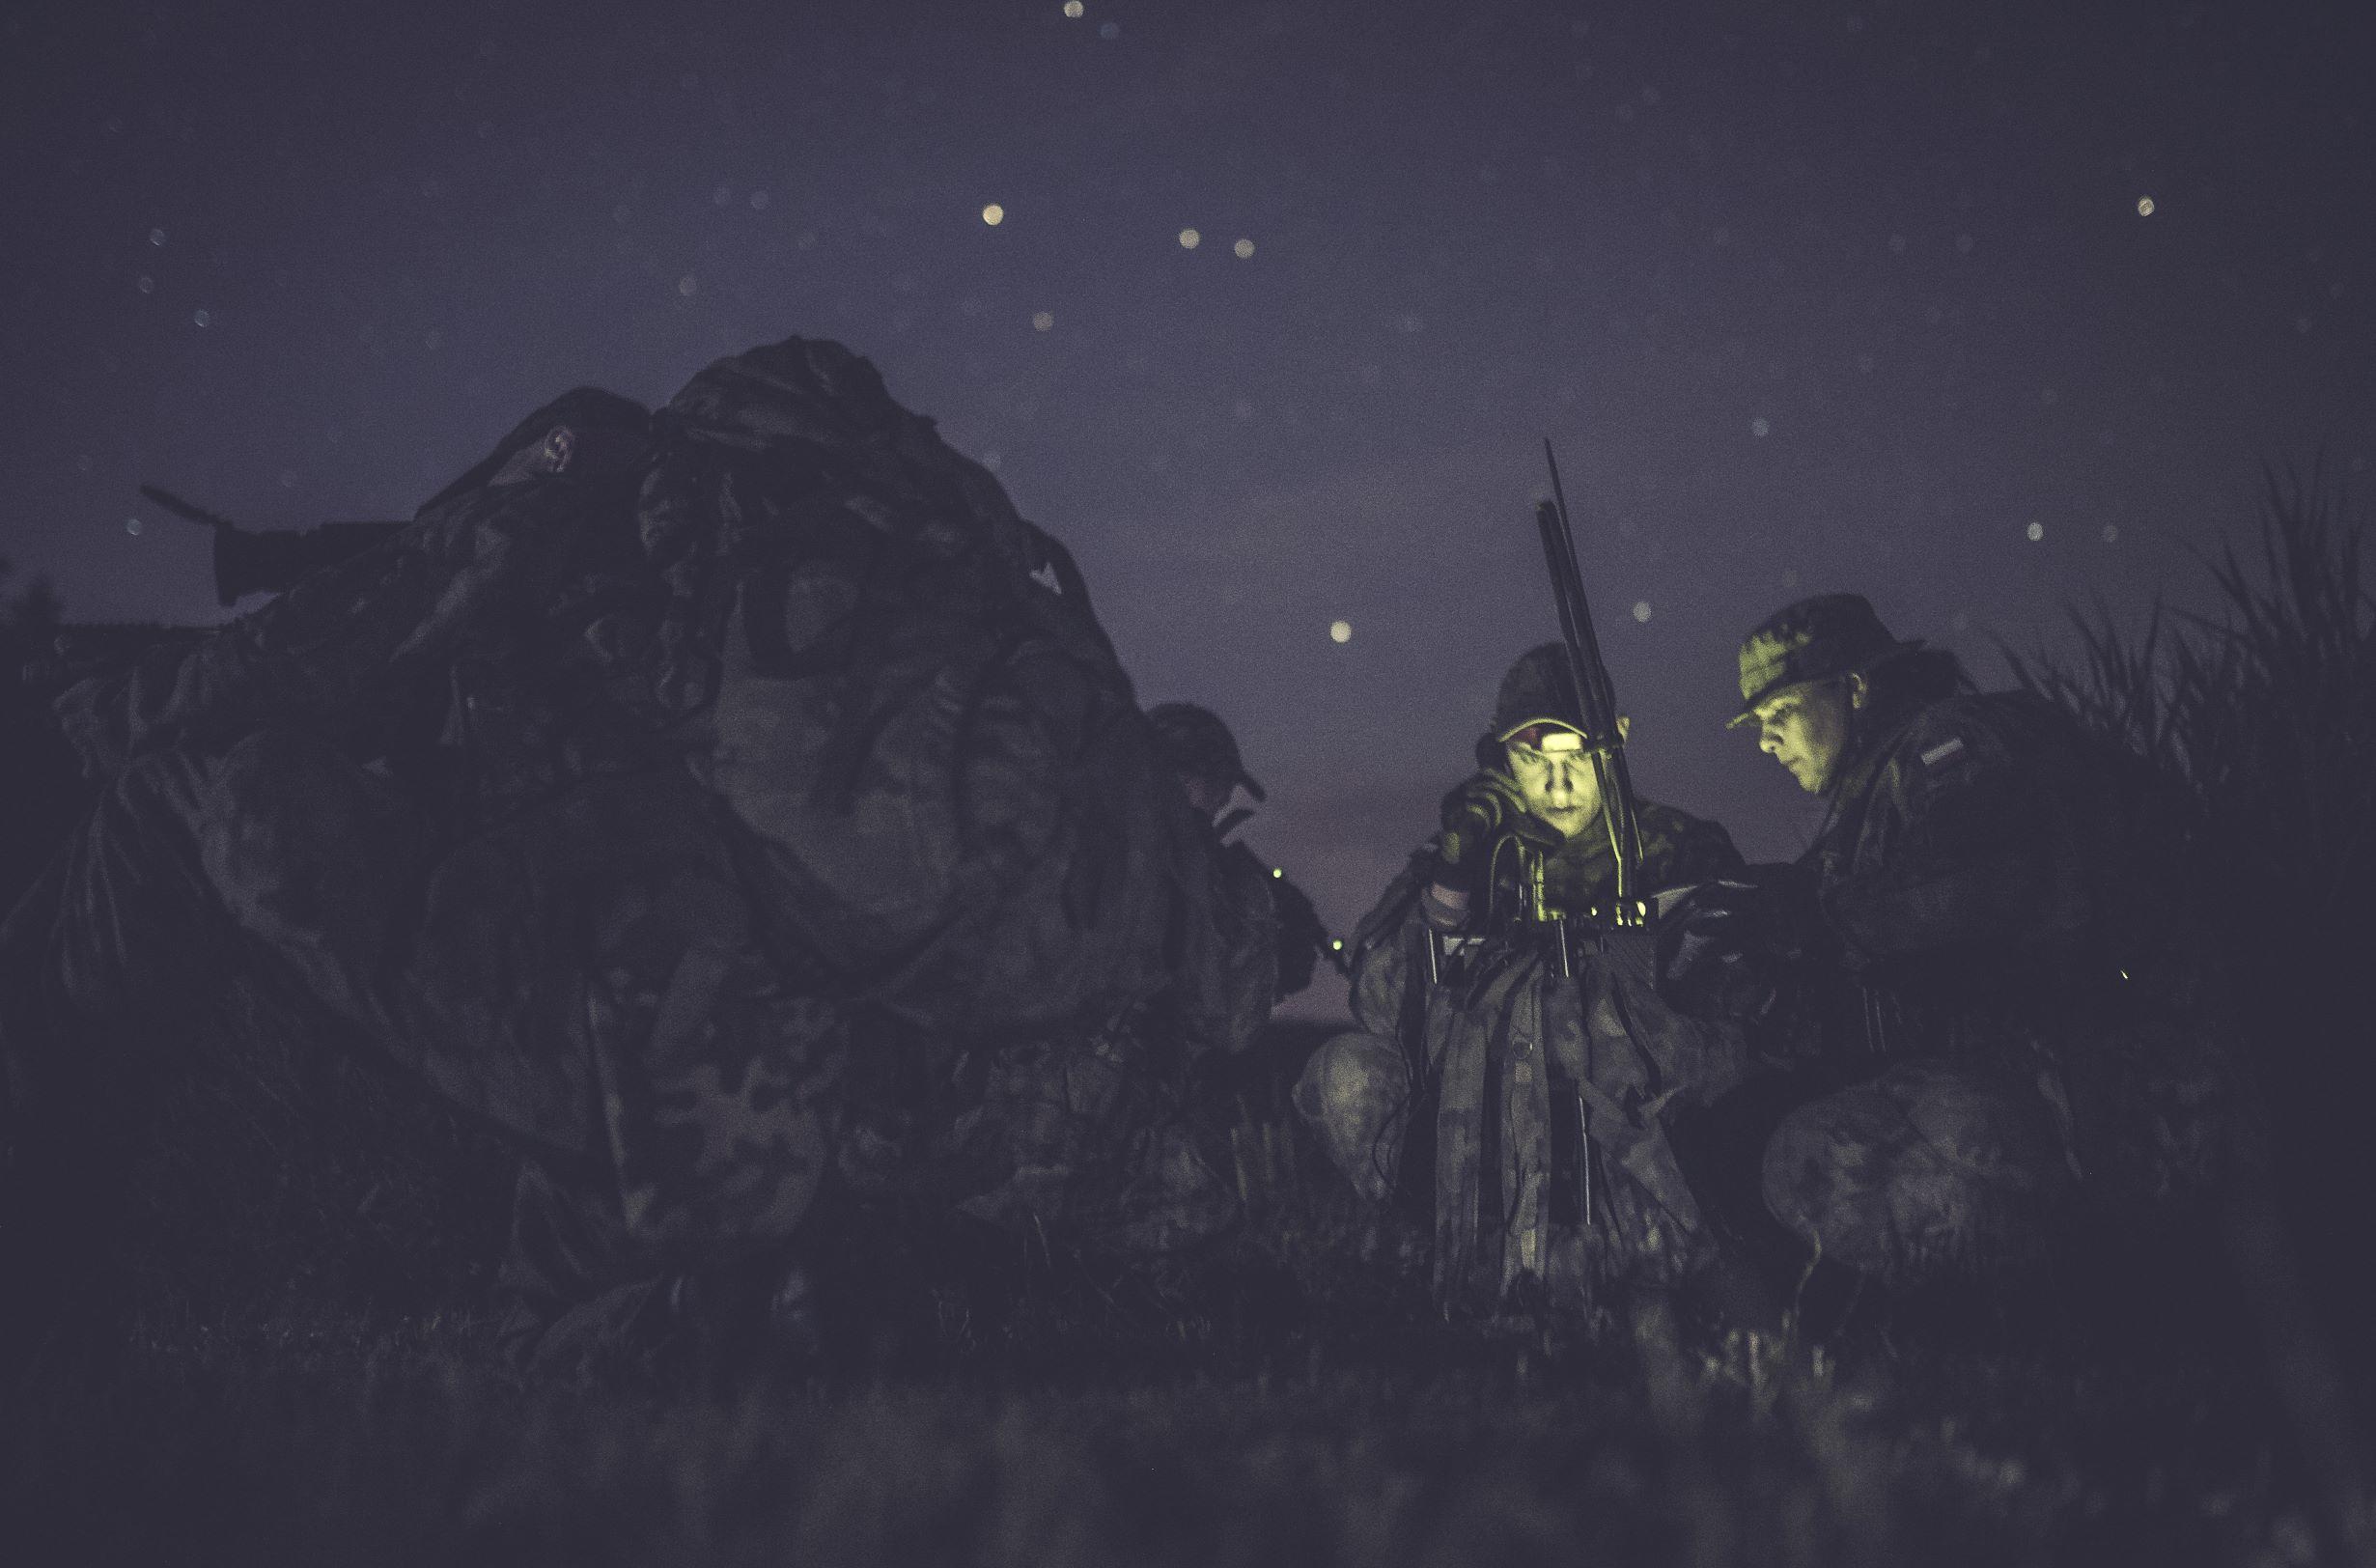 Województwo lubelskie: Terytorialsi - zwiadowcy szkolili się na poligonie - Zdjęcie główne